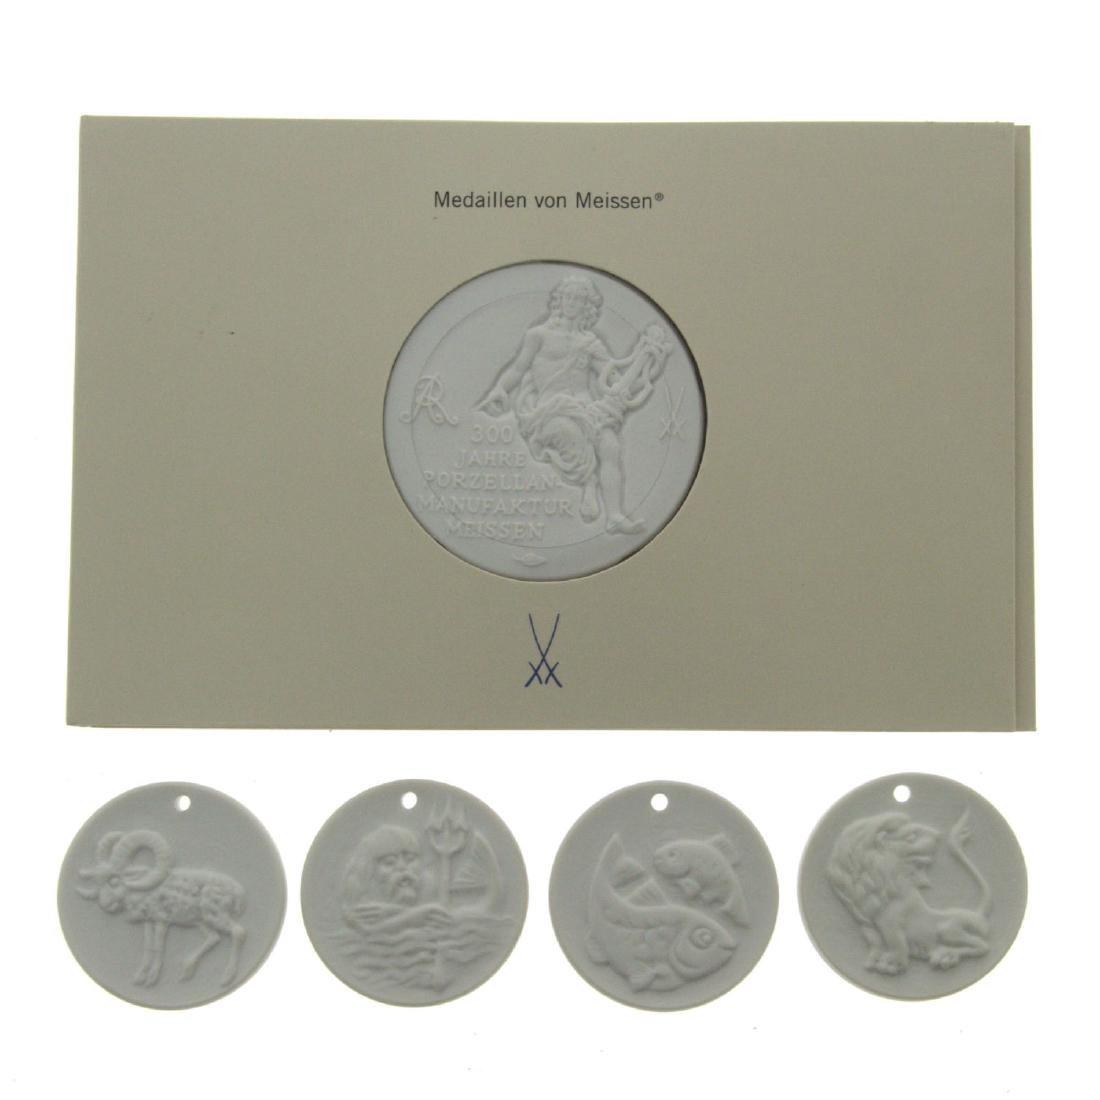 Four Meissen porcelain Zodiac pendants with company's